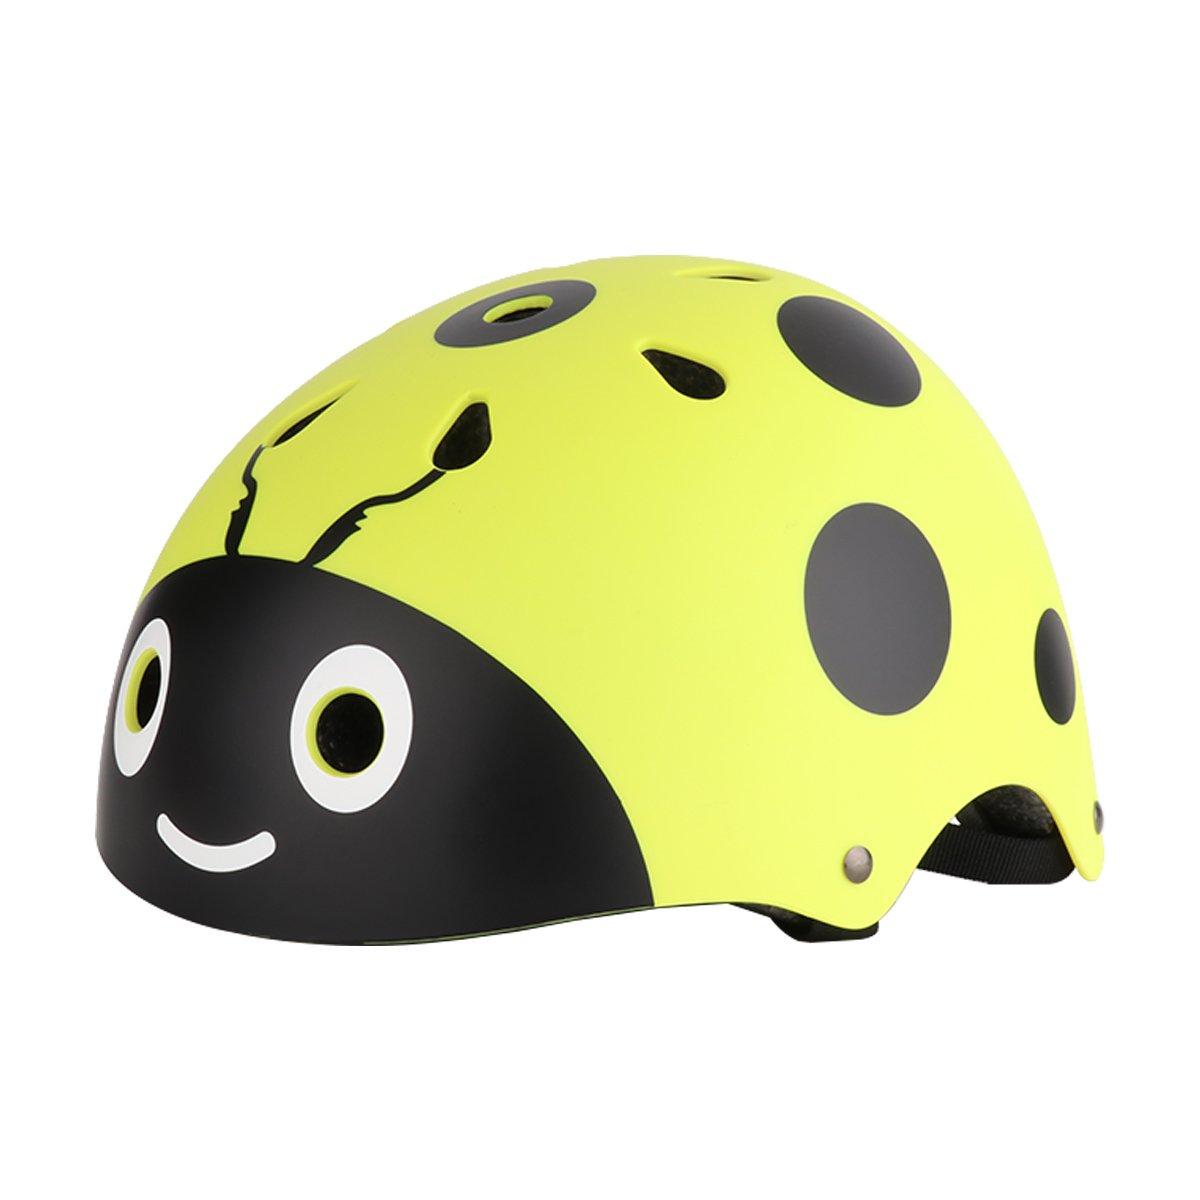 iEFiEL Casco Infantil de Bicicleta Ciclismo Esquí Patinaje Waveboard para Niño Niña Protección contra Caídas Casco Divertido Amarillo Talla única